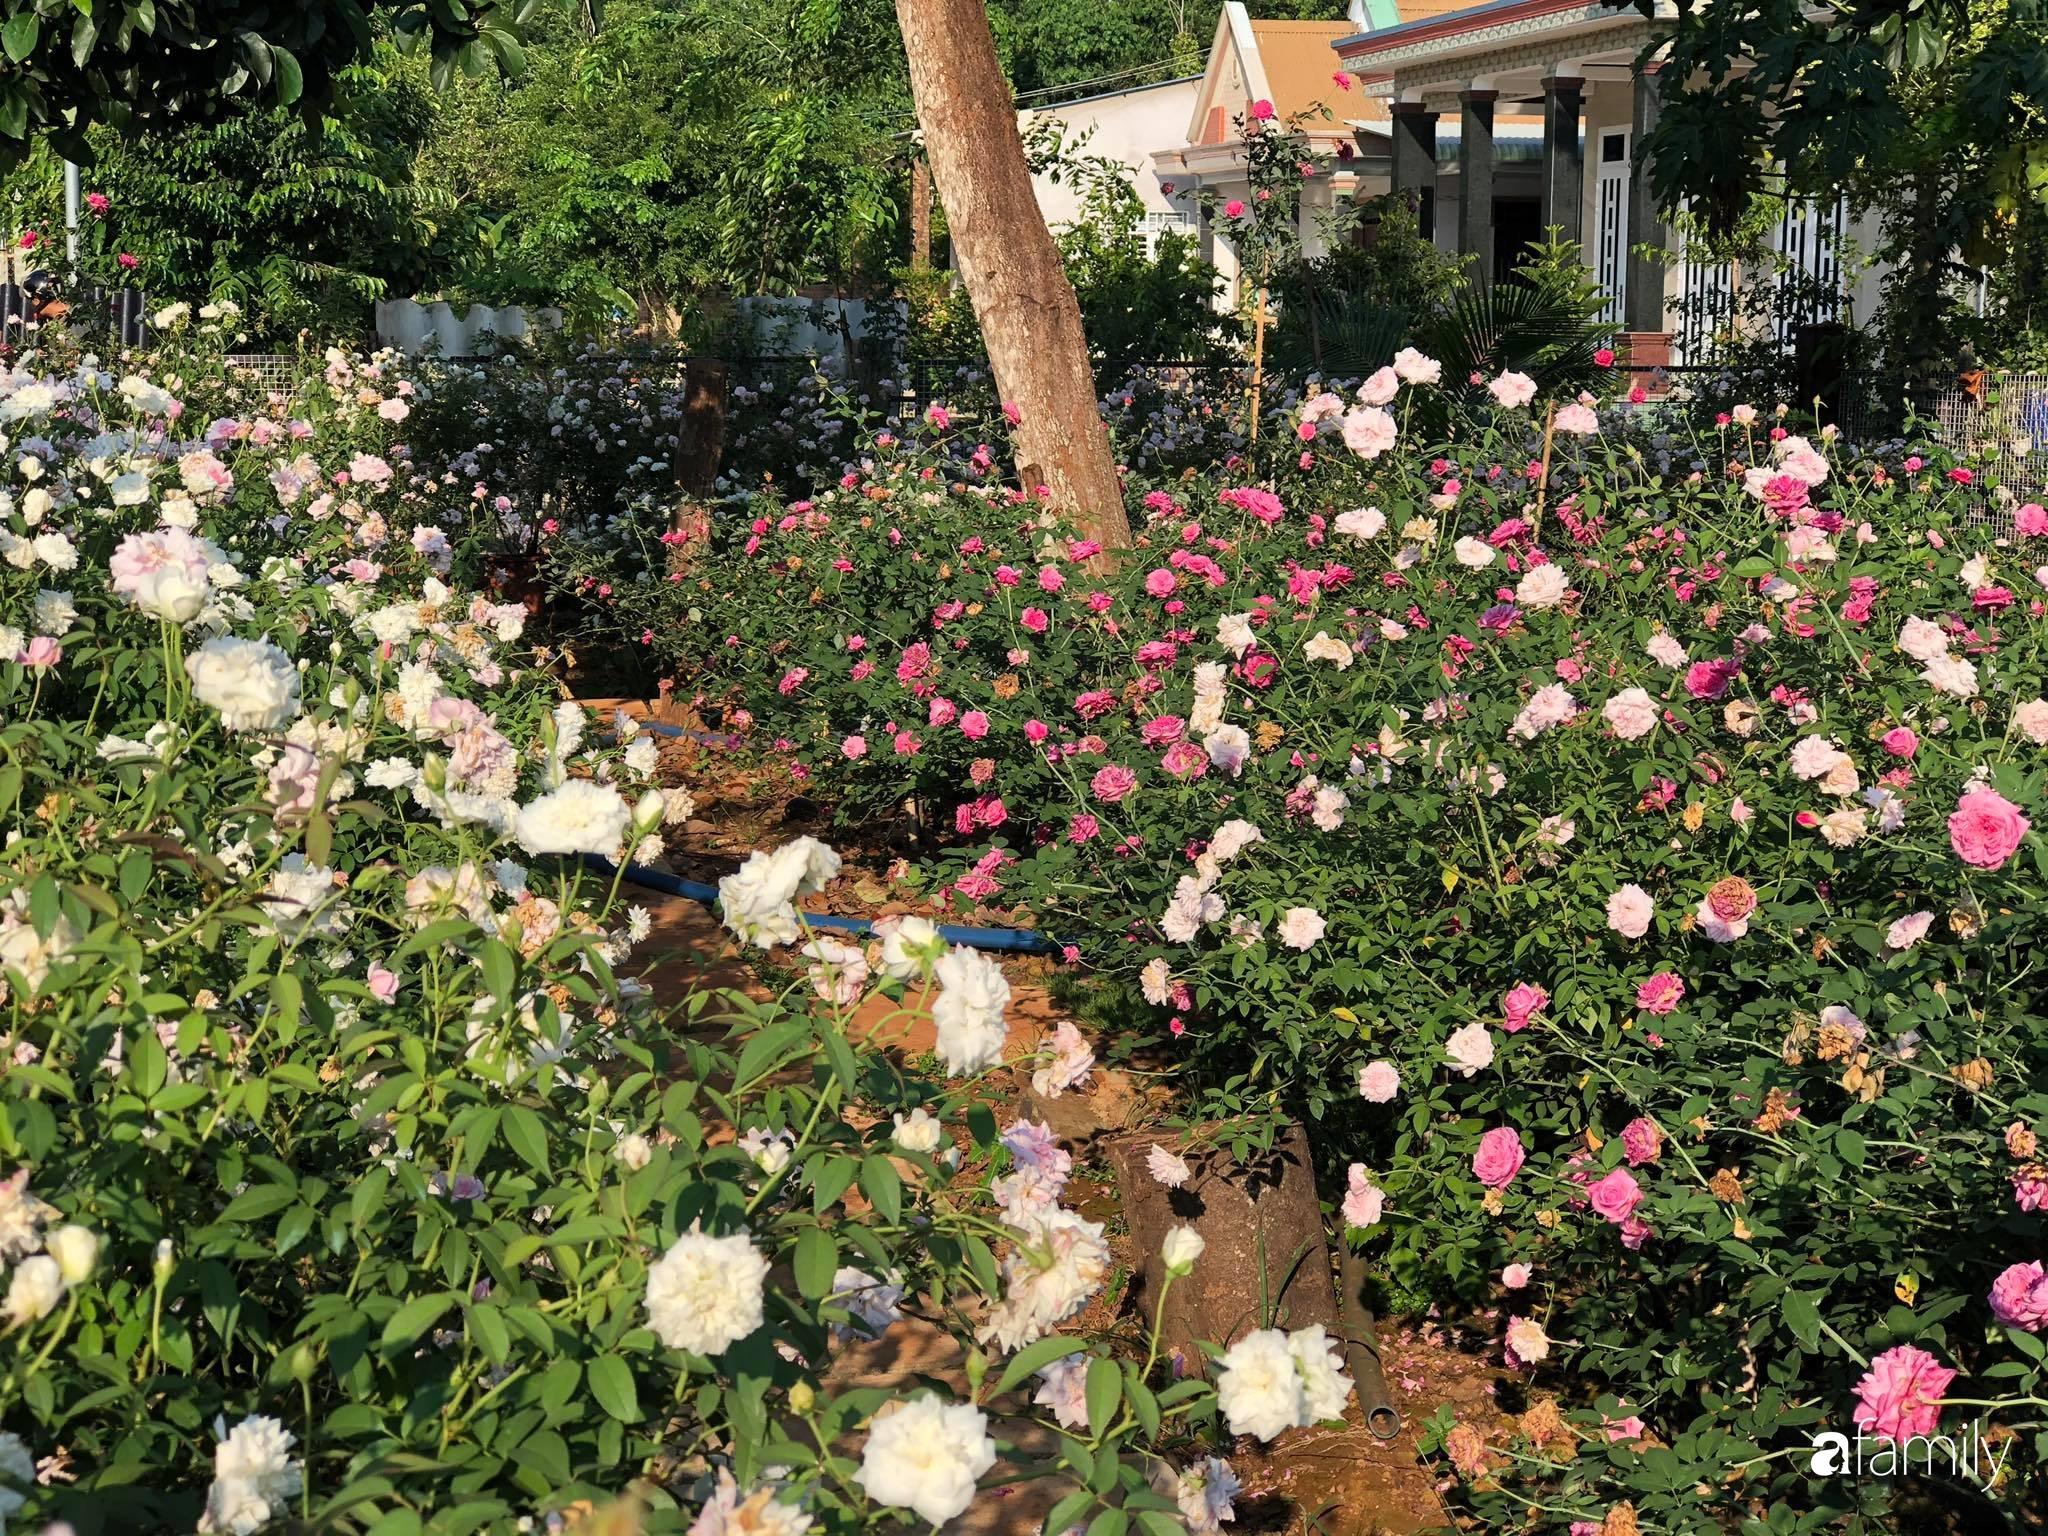 Khu vườn hoa hồng đẹp như cổ tích mà người chồng ngày đêm chăm sóc để tặng vợ con ở Vũng Tàu-26